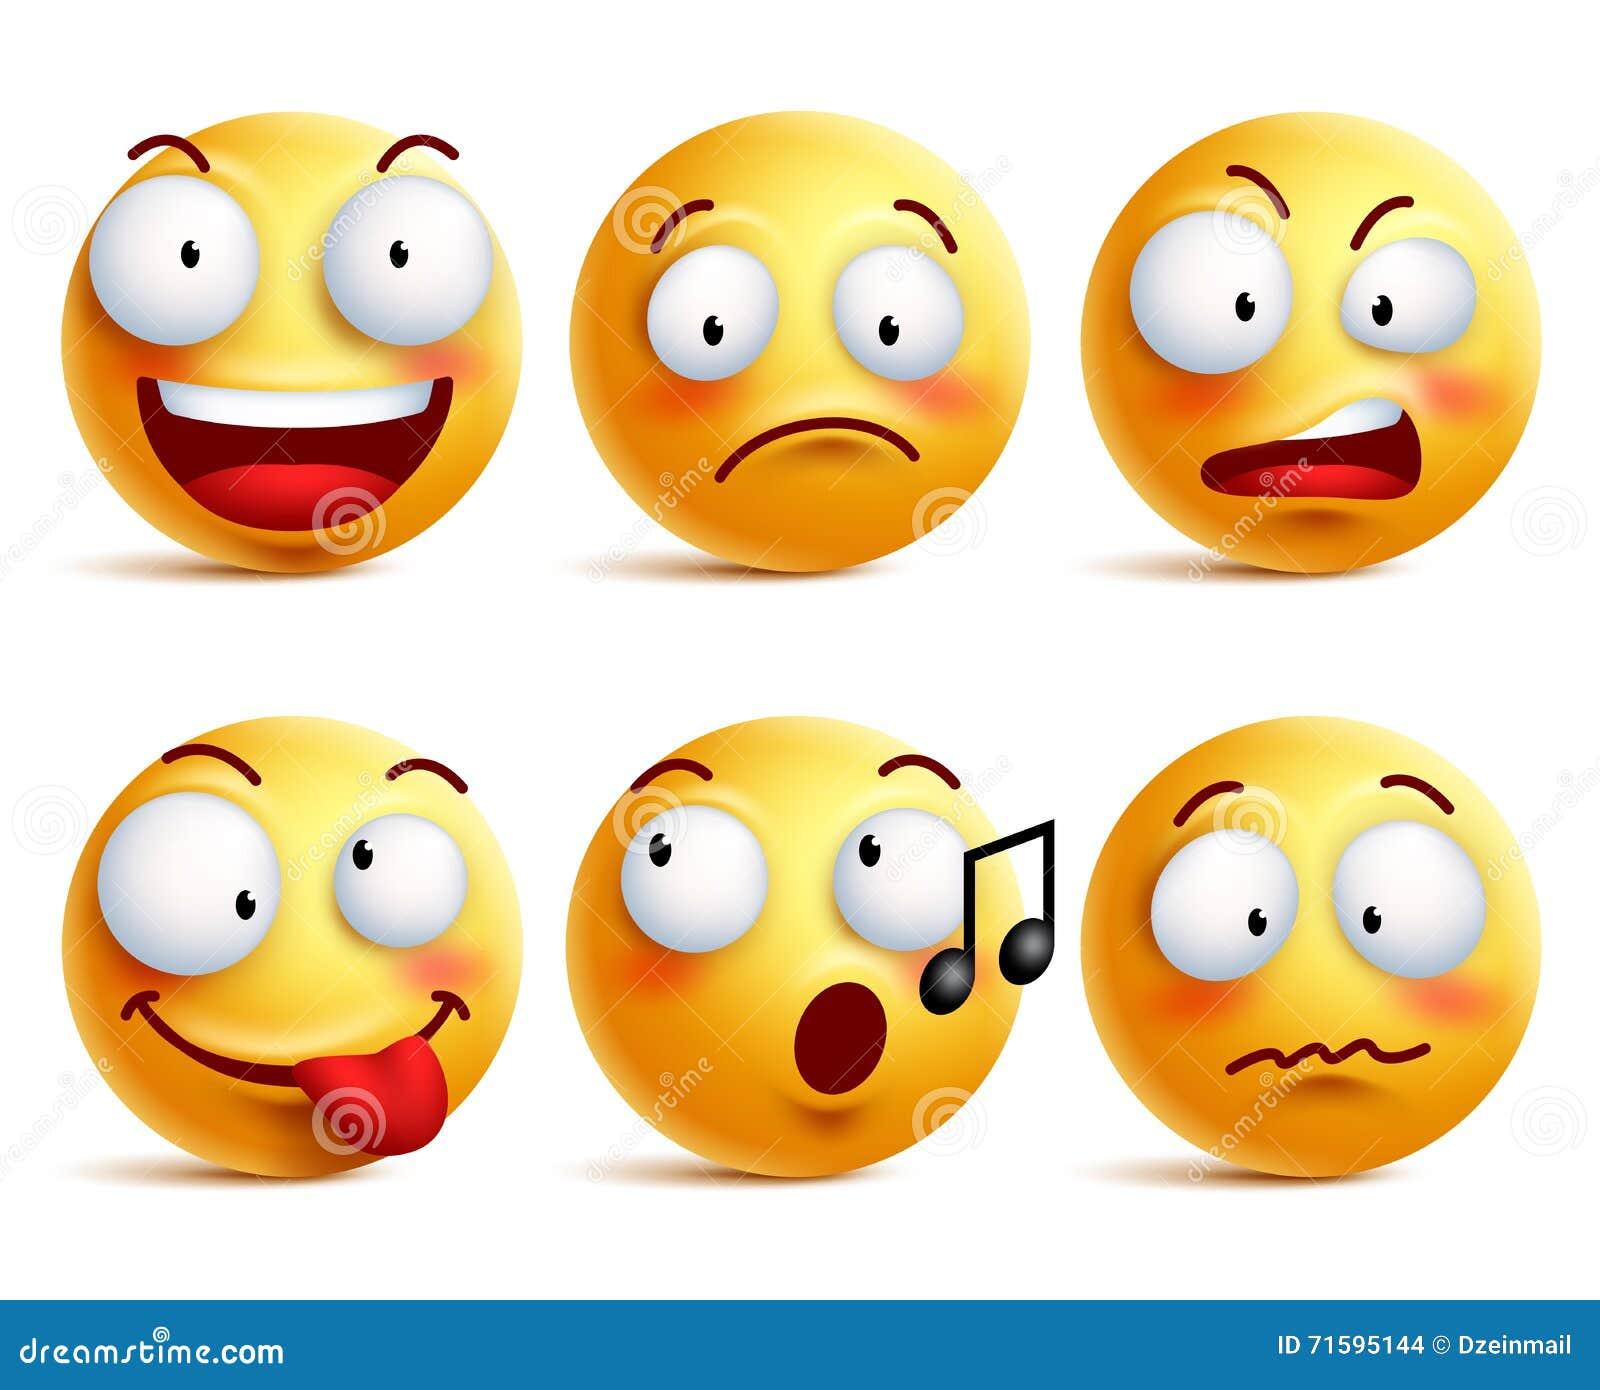 De pictogrammen van het Smileygezicht of emoticons met reeks verschillende gelaatsuitdrukkingen